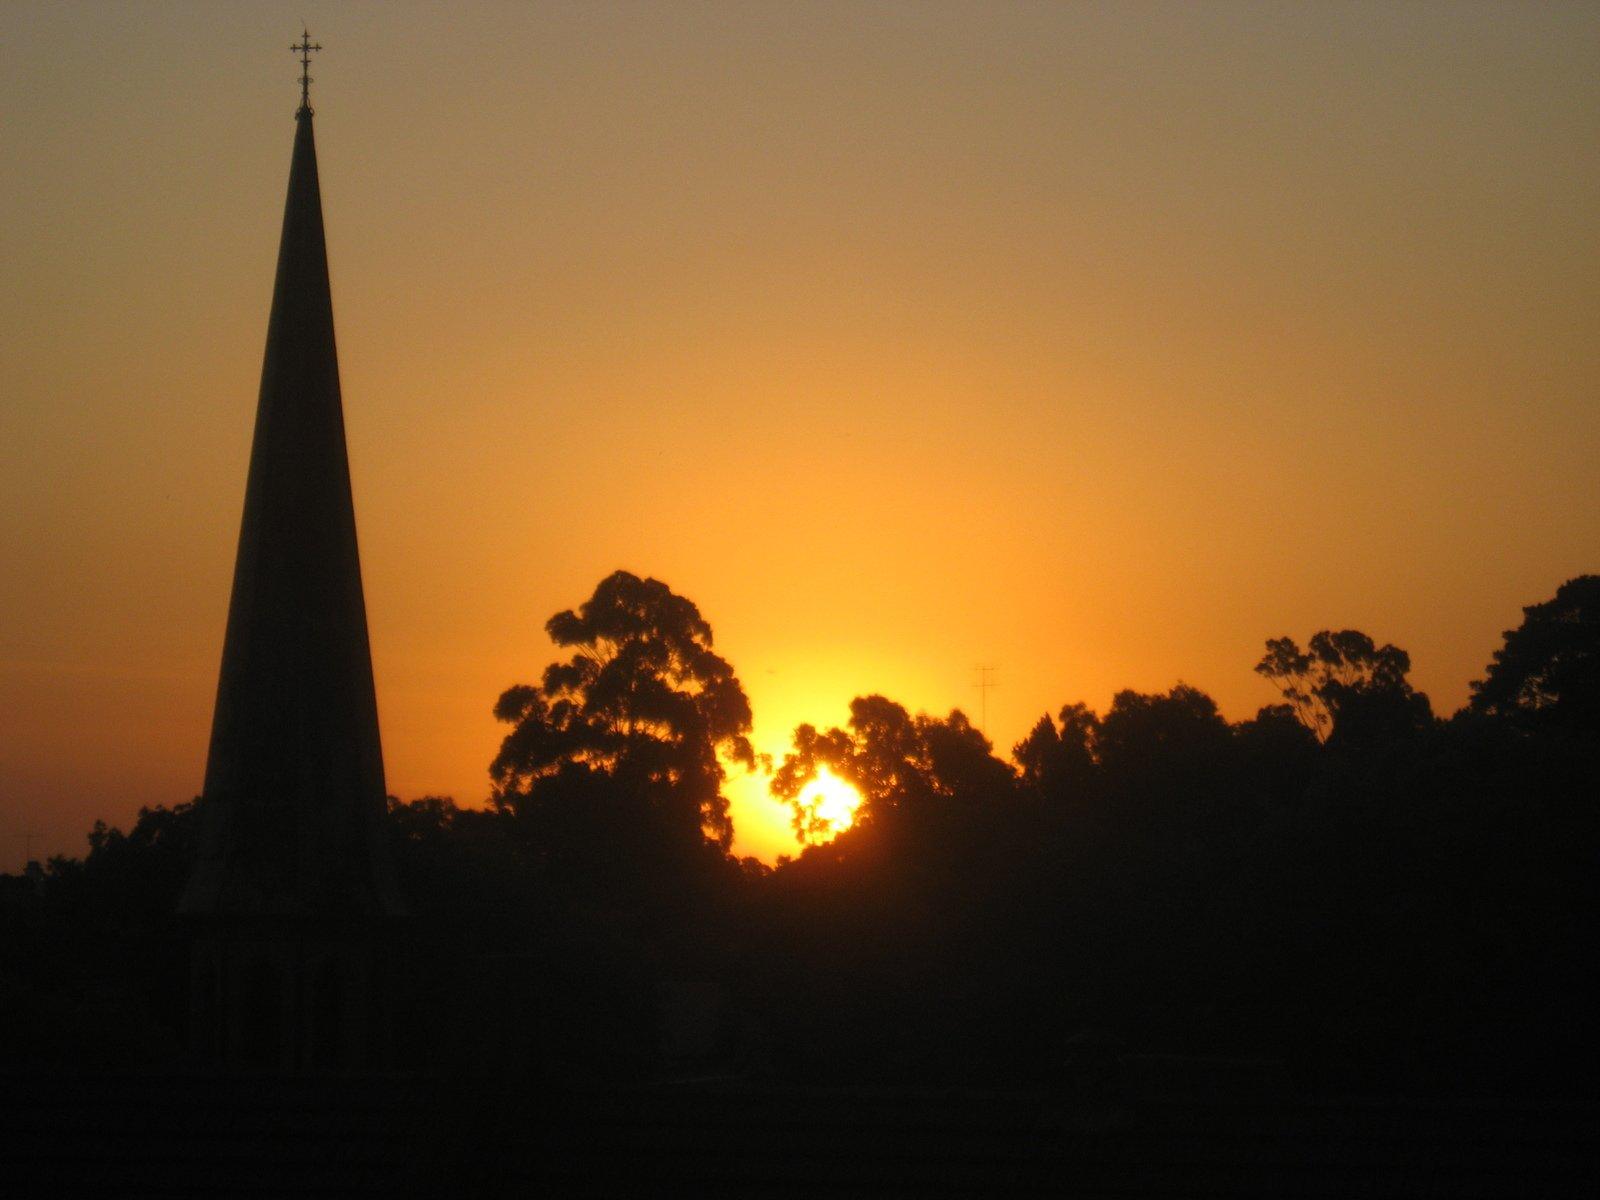 sunrise-chapel-1213847